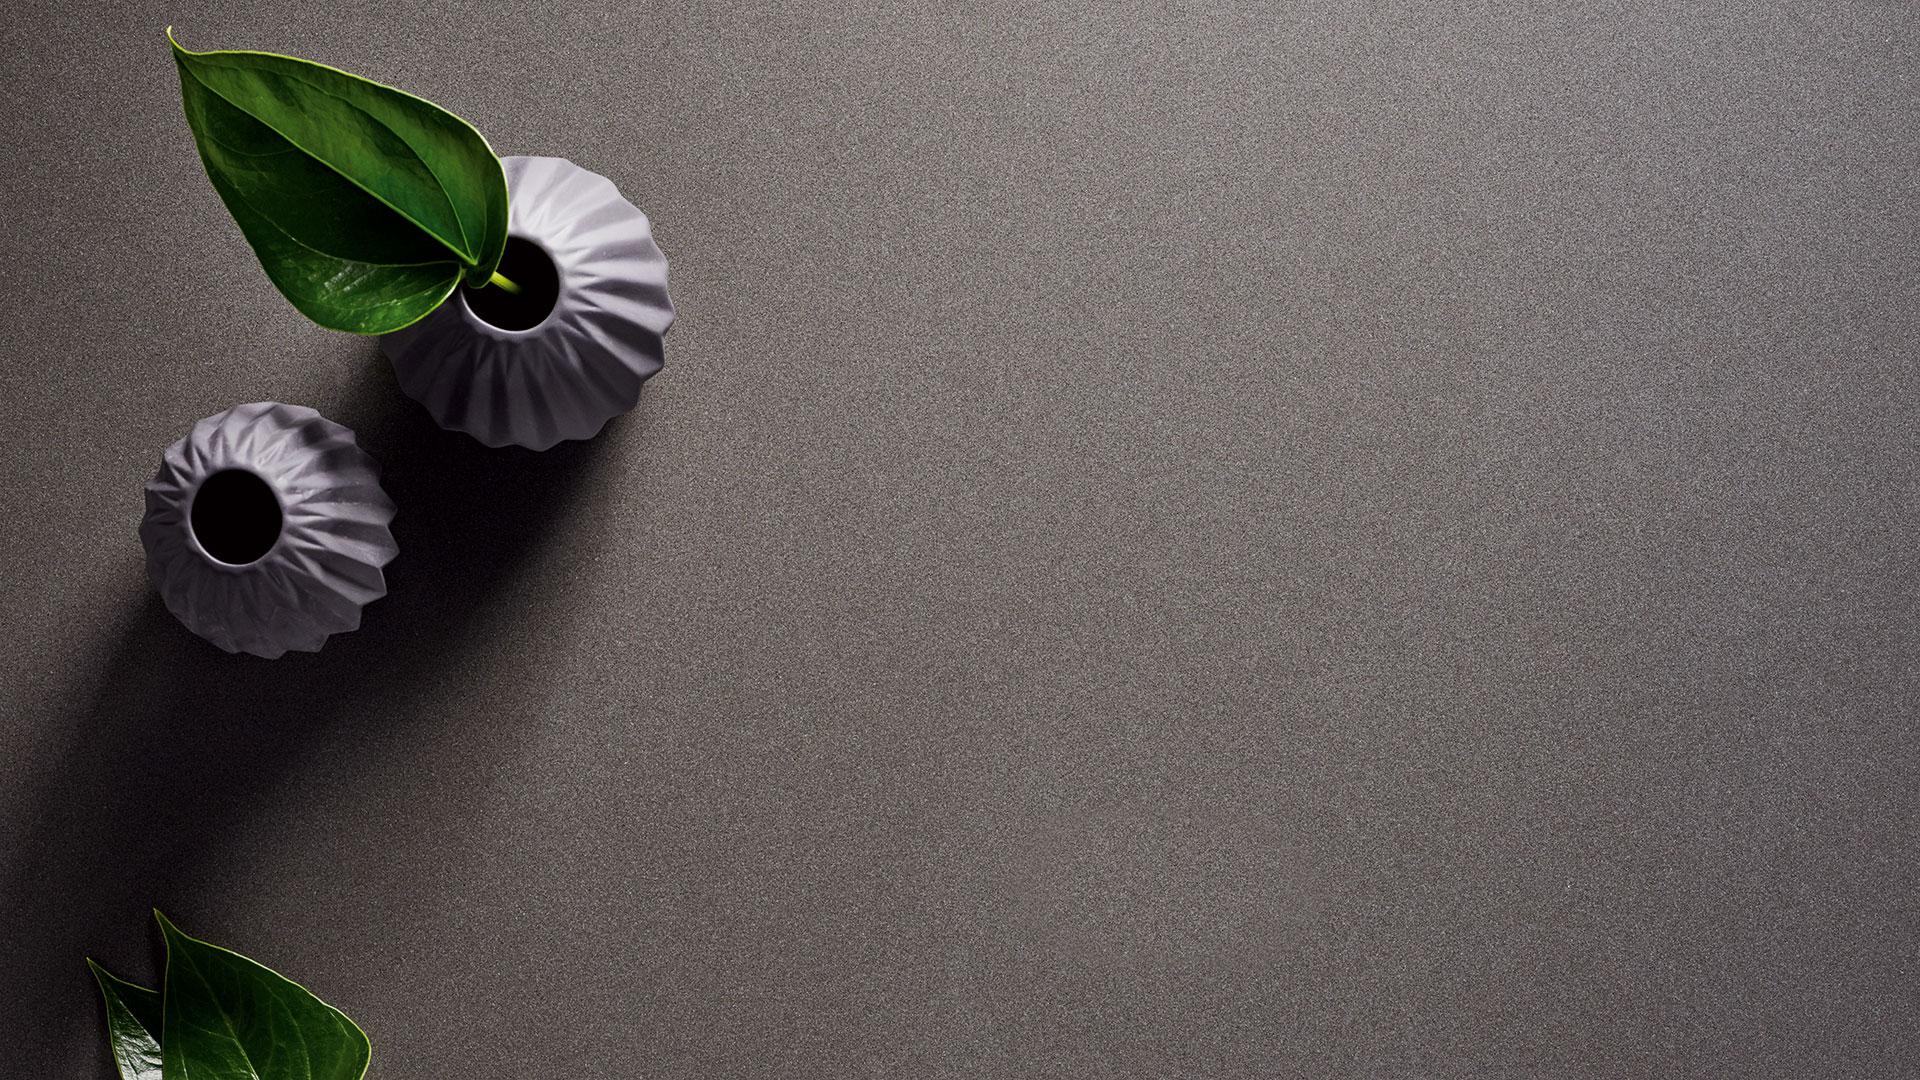 2003_Concrete_2003_Concrete_Cu_Landscape1920X1080-1